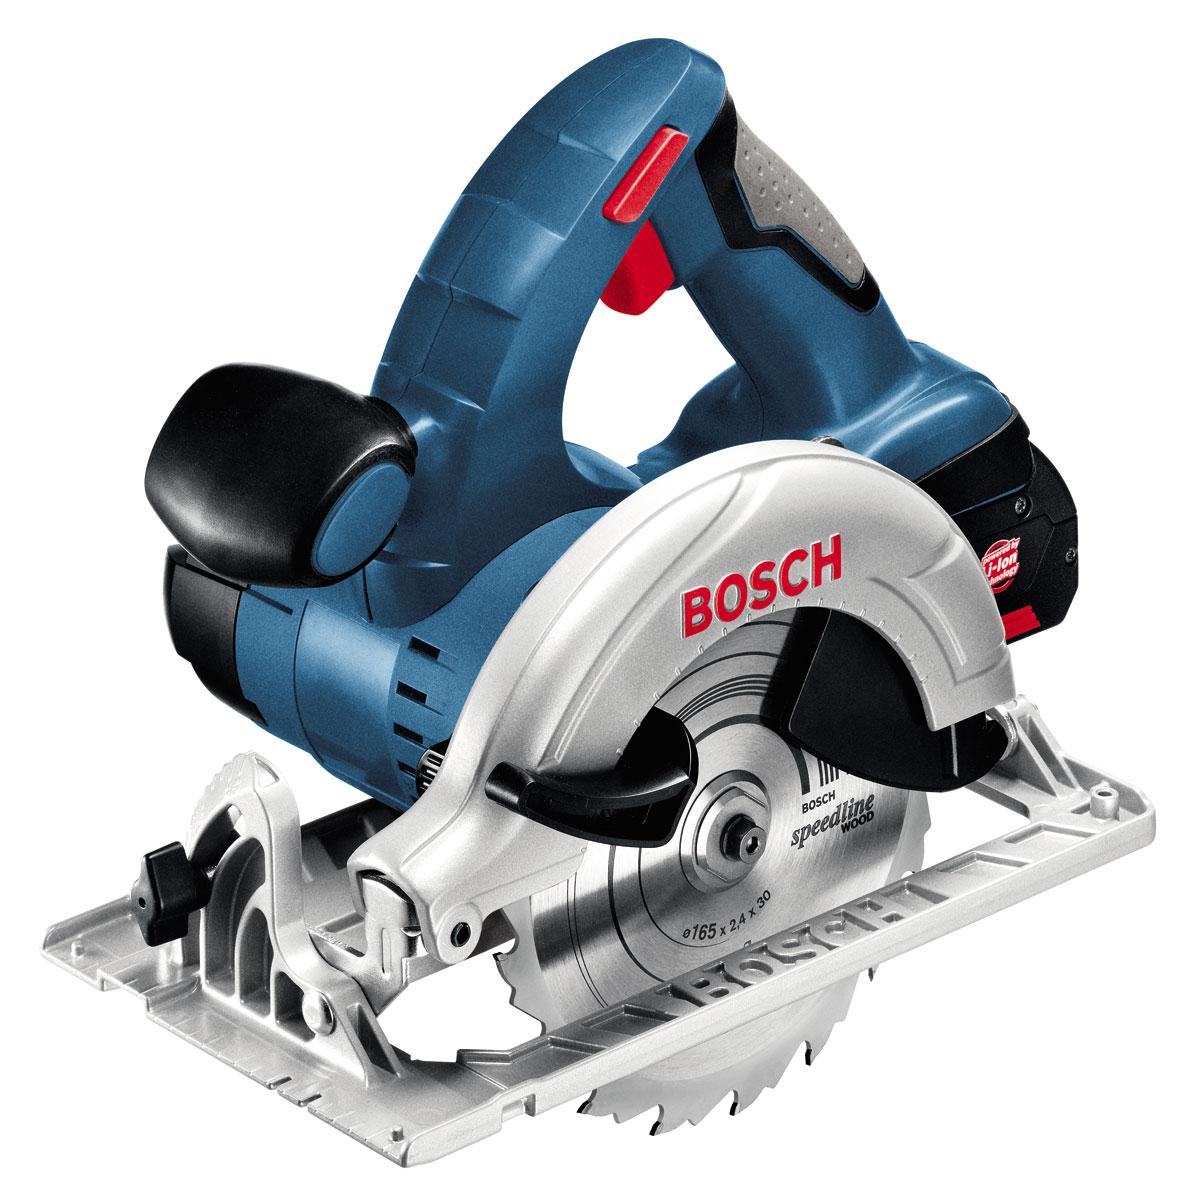 Пила циркулярная Bosch Gks 18 v-li